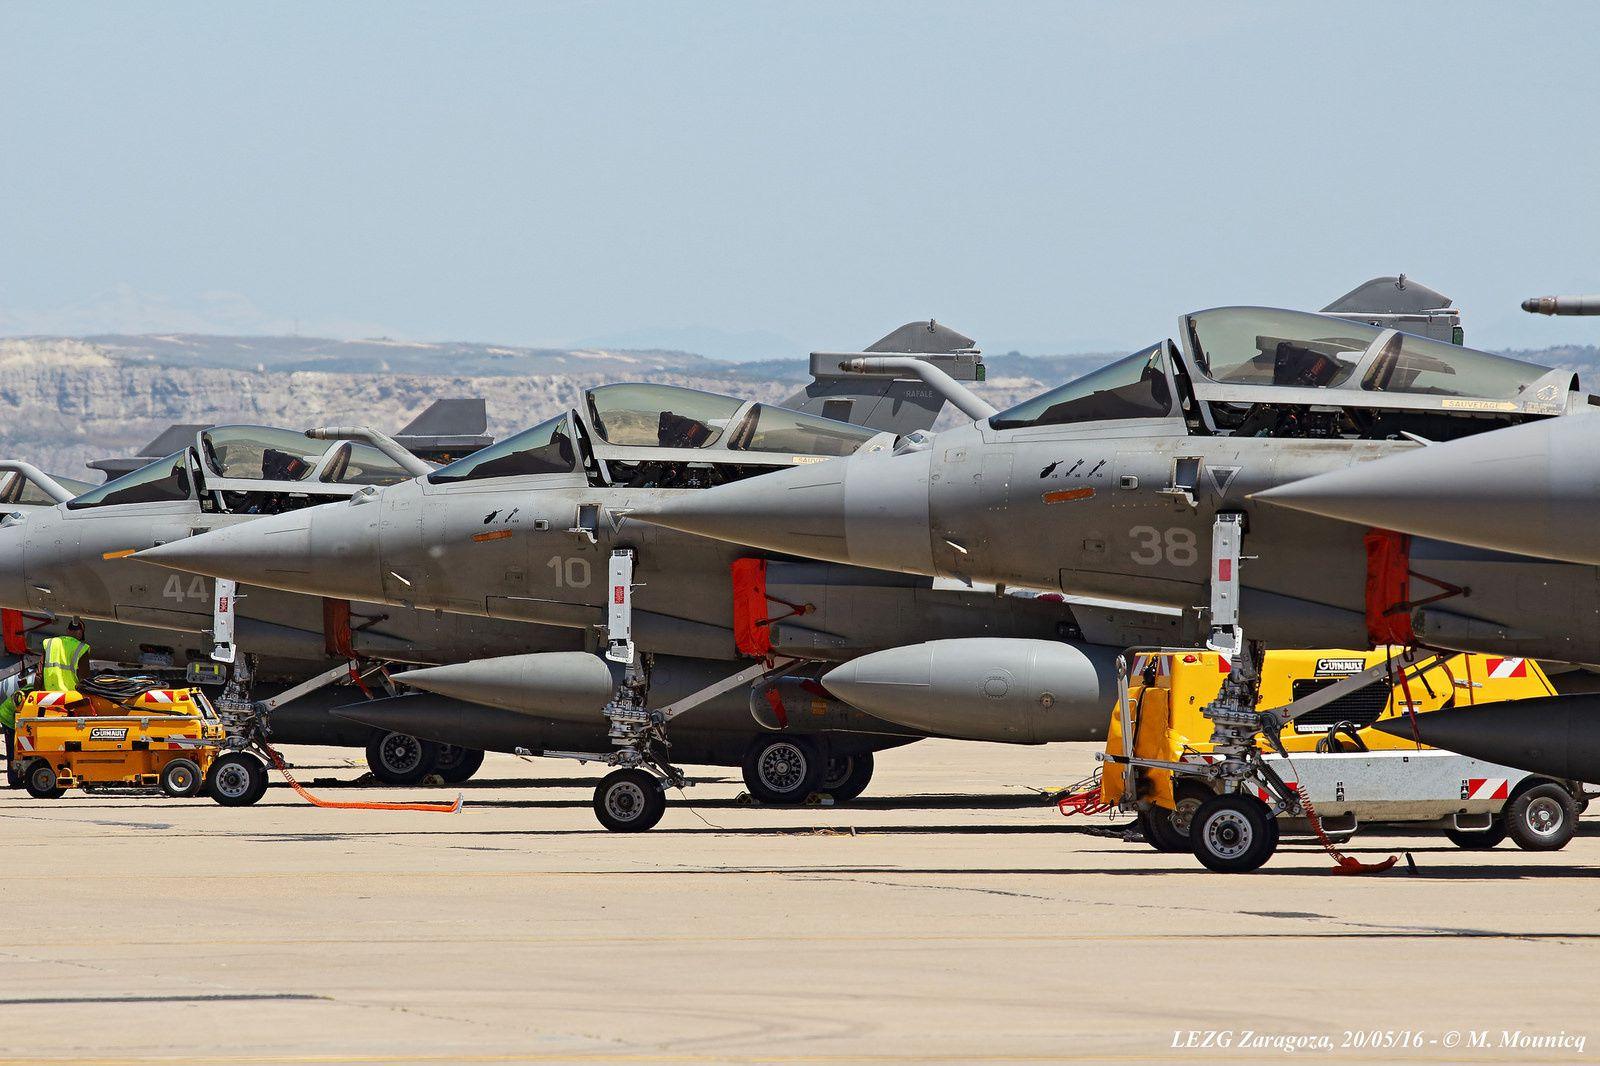 La «flight line» française. Si ça ce n'est pas du Combat Proven !